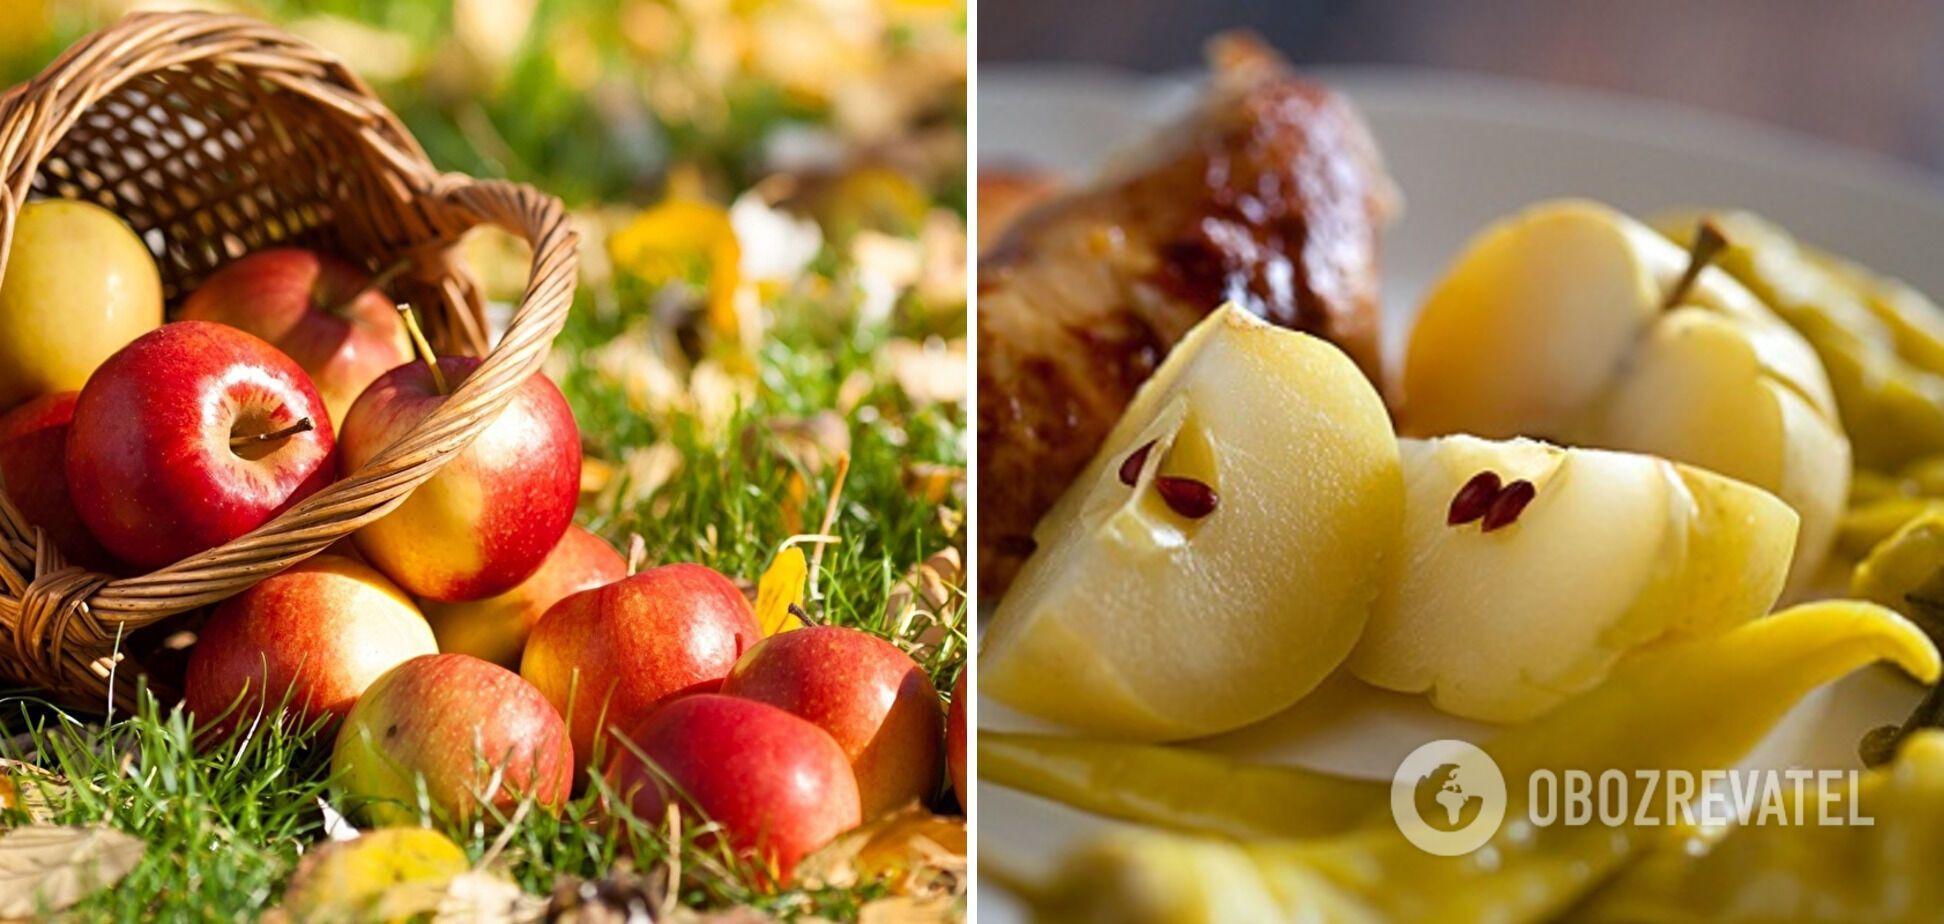 Моченые яблоки долгого хранения: секрет идеальной закуски